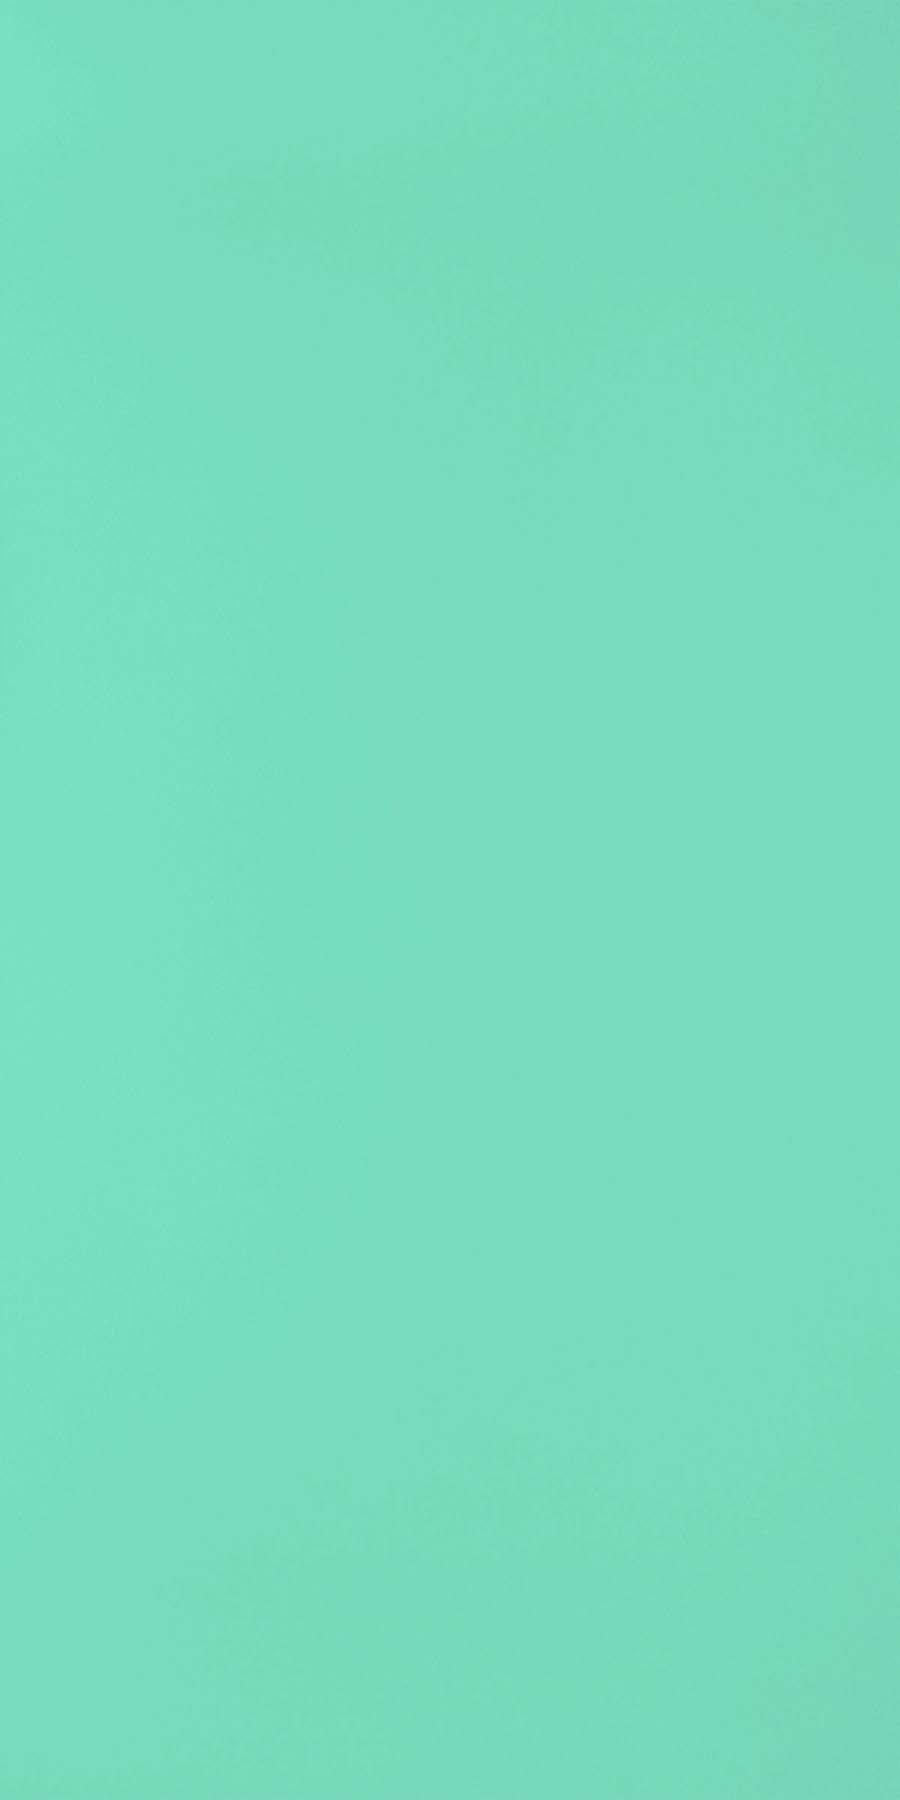 Aqua Green Laminates Greenlam